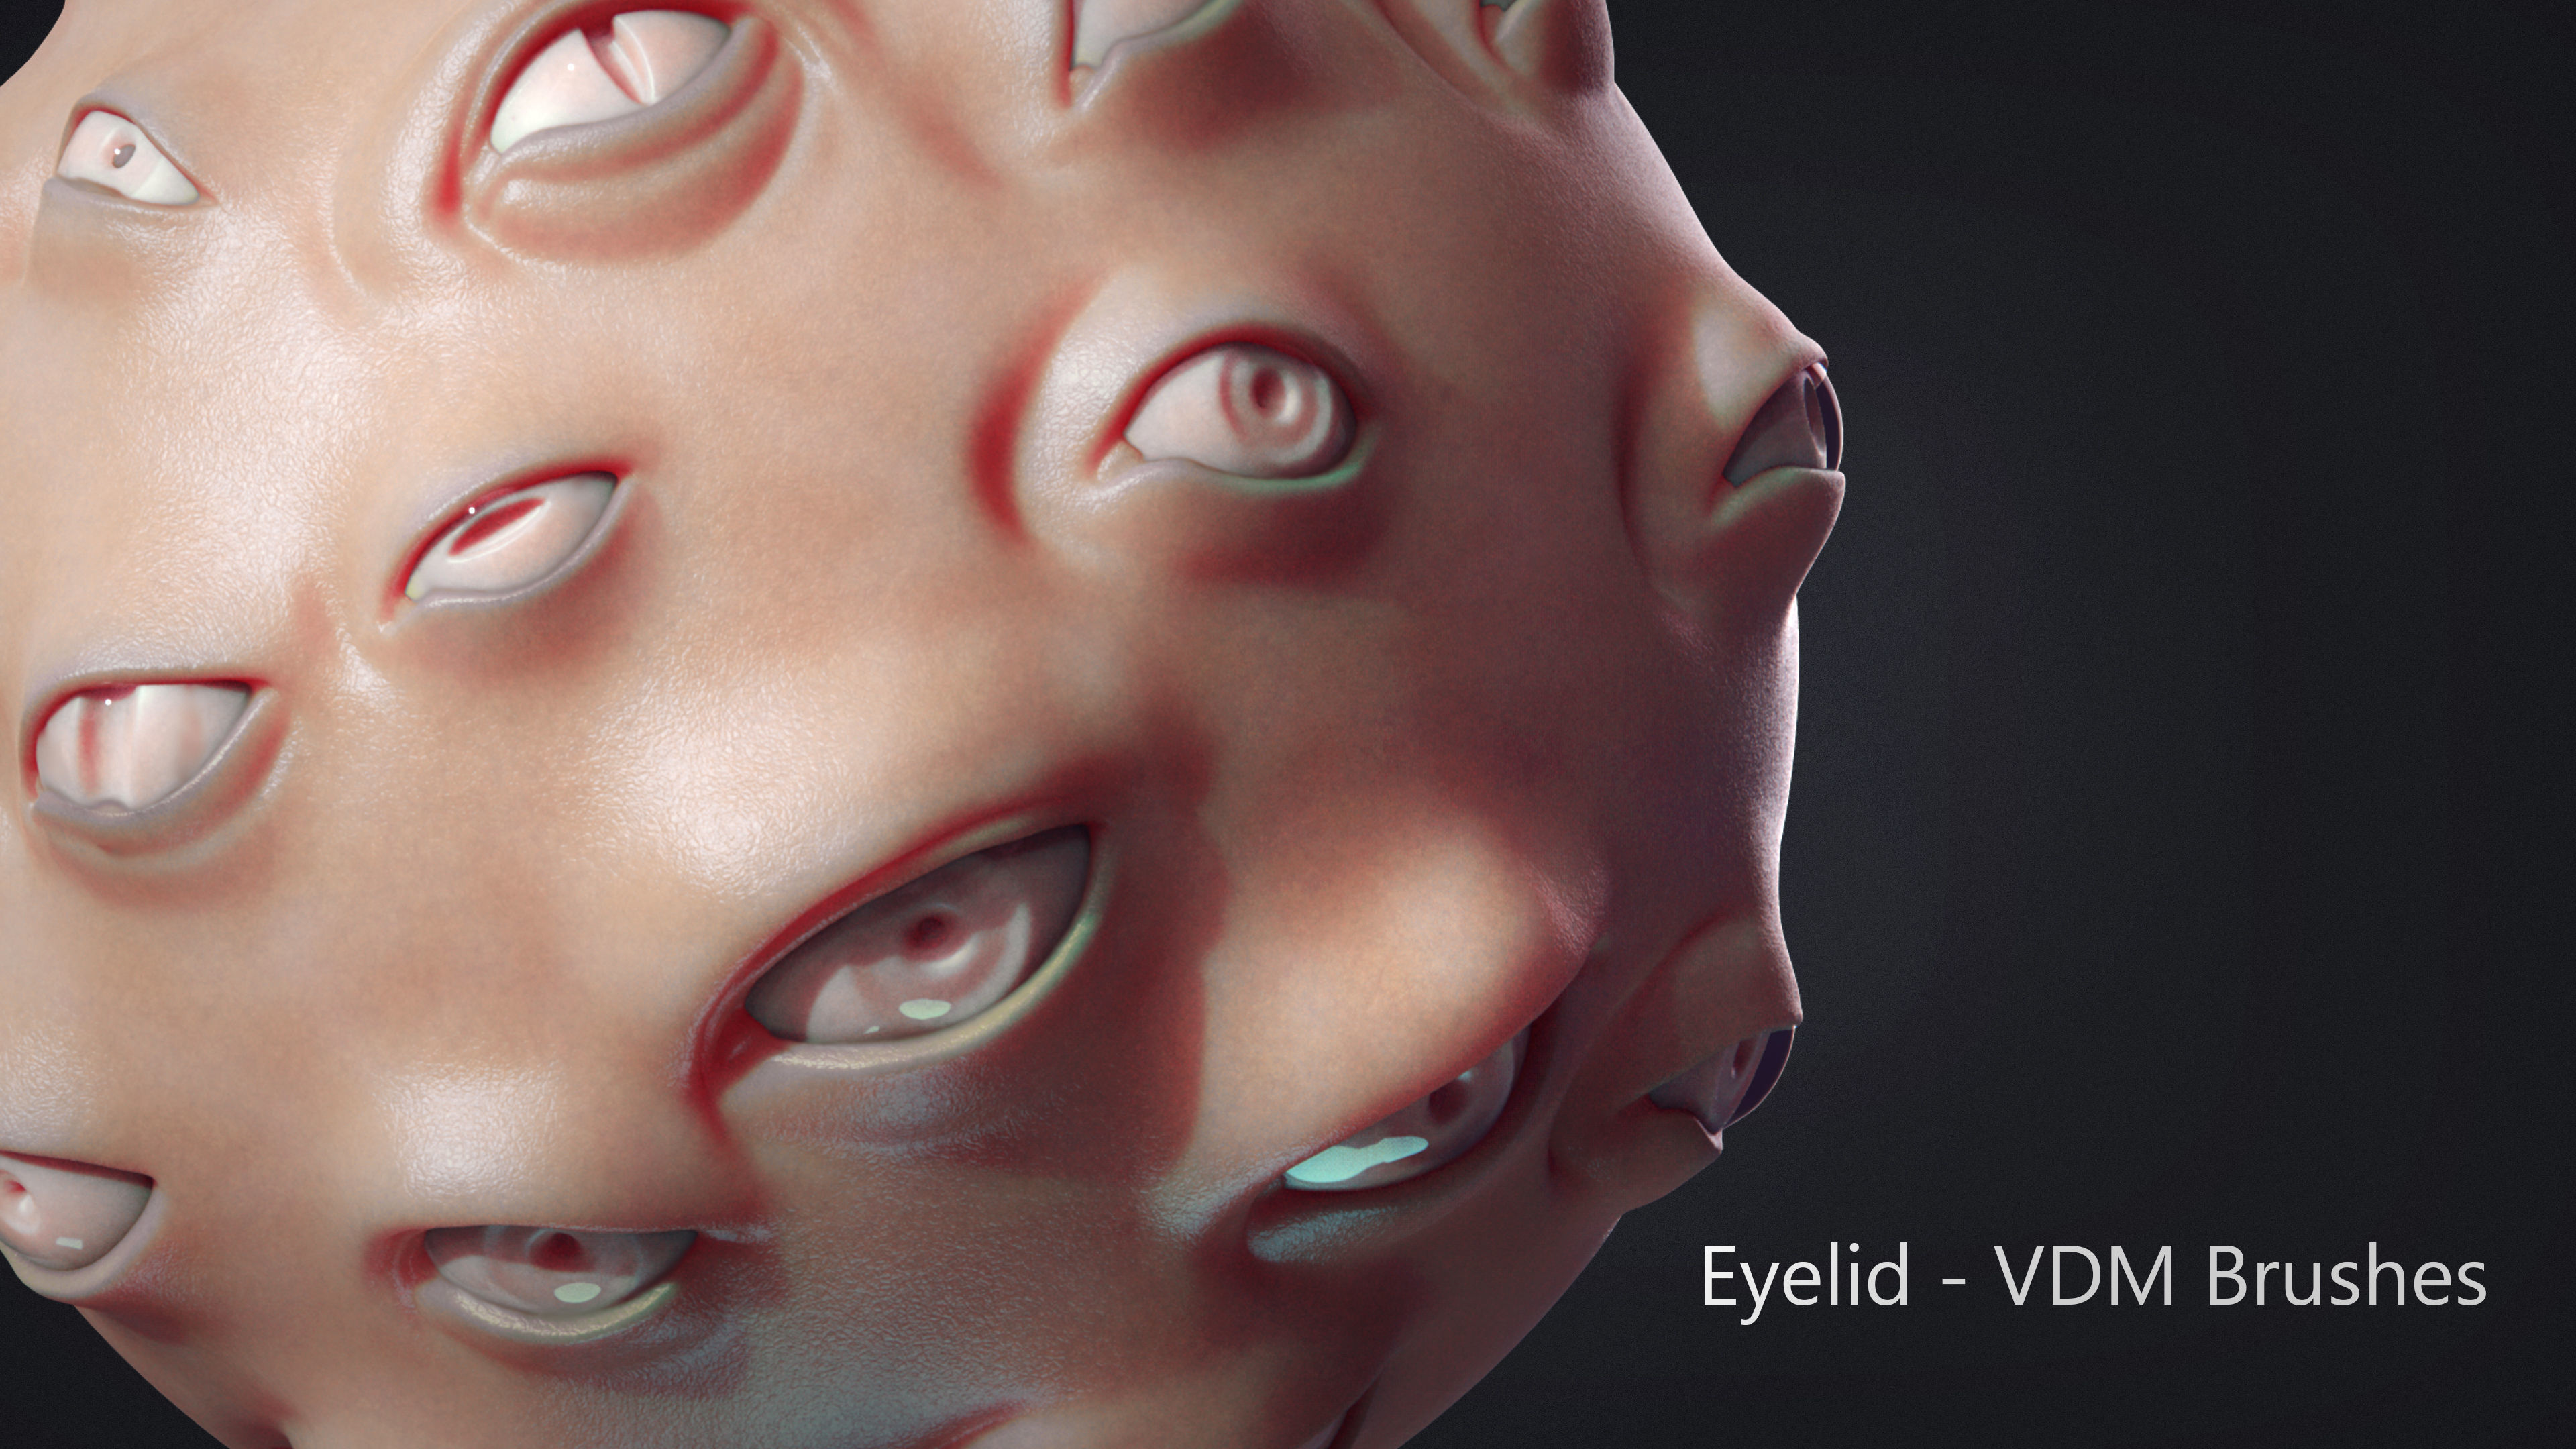 Zbrush - Eyes - VDM and IMM Brushes